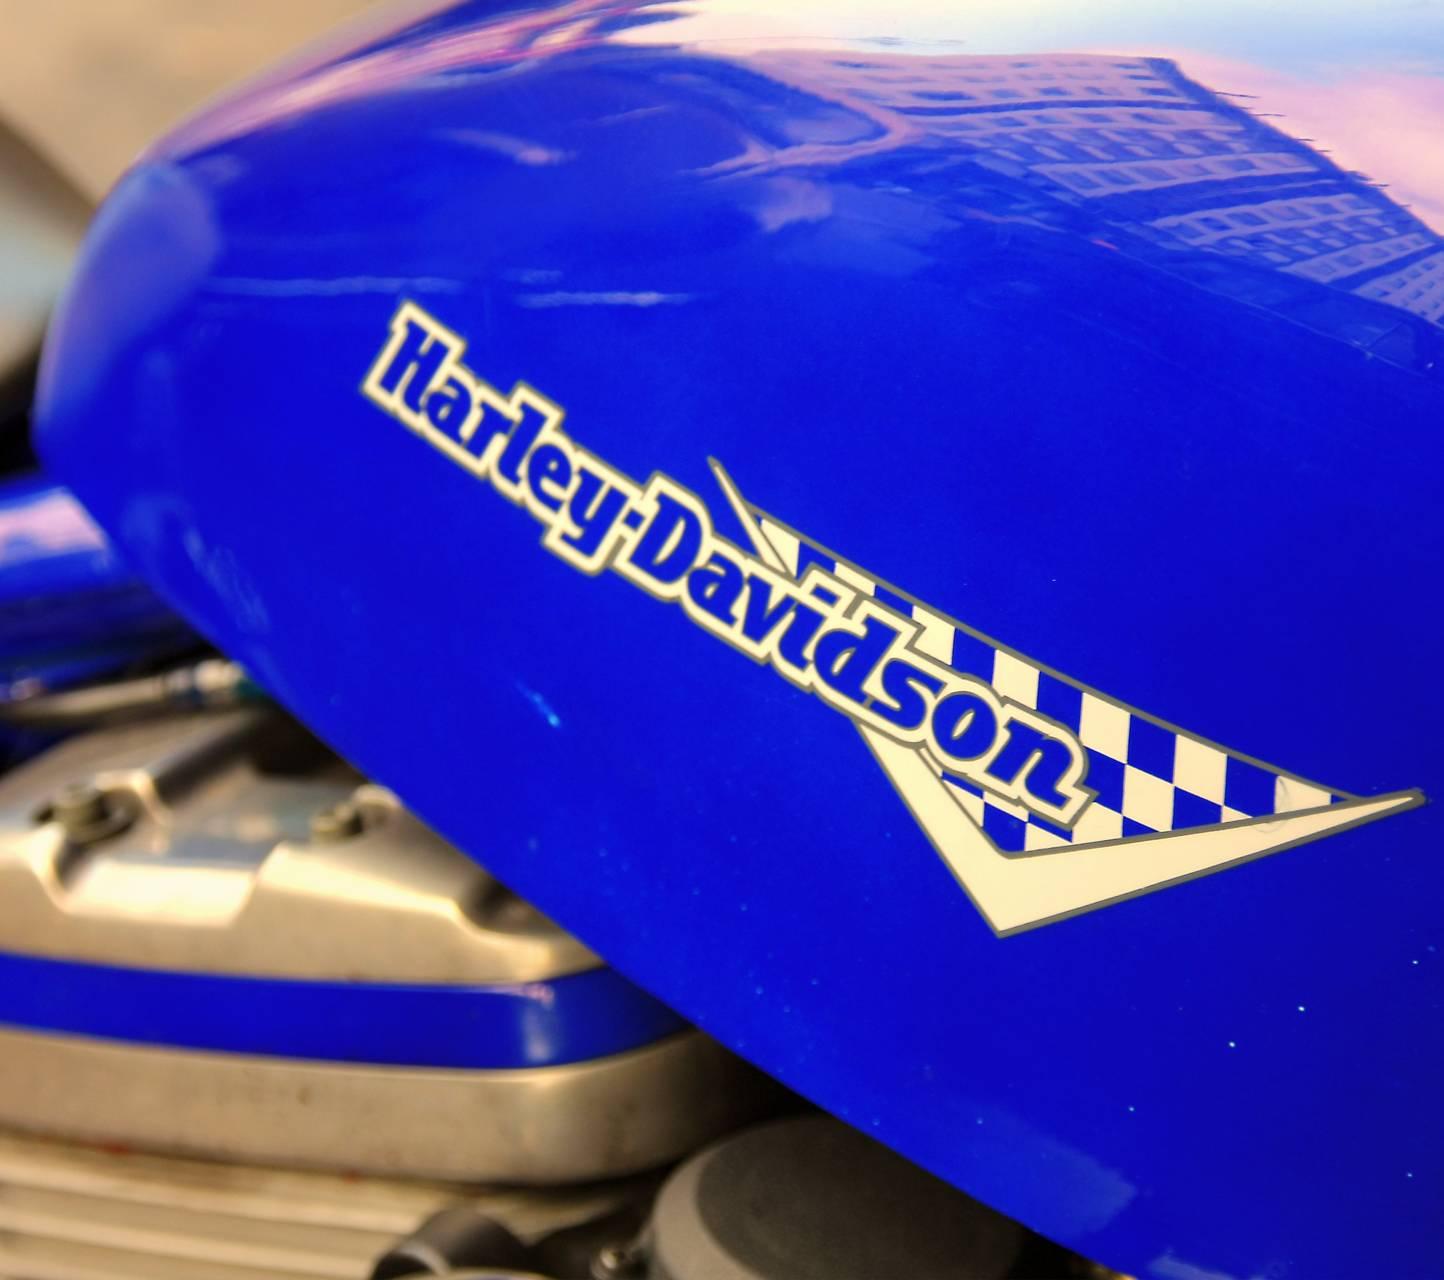 Vintage Motorcycle10